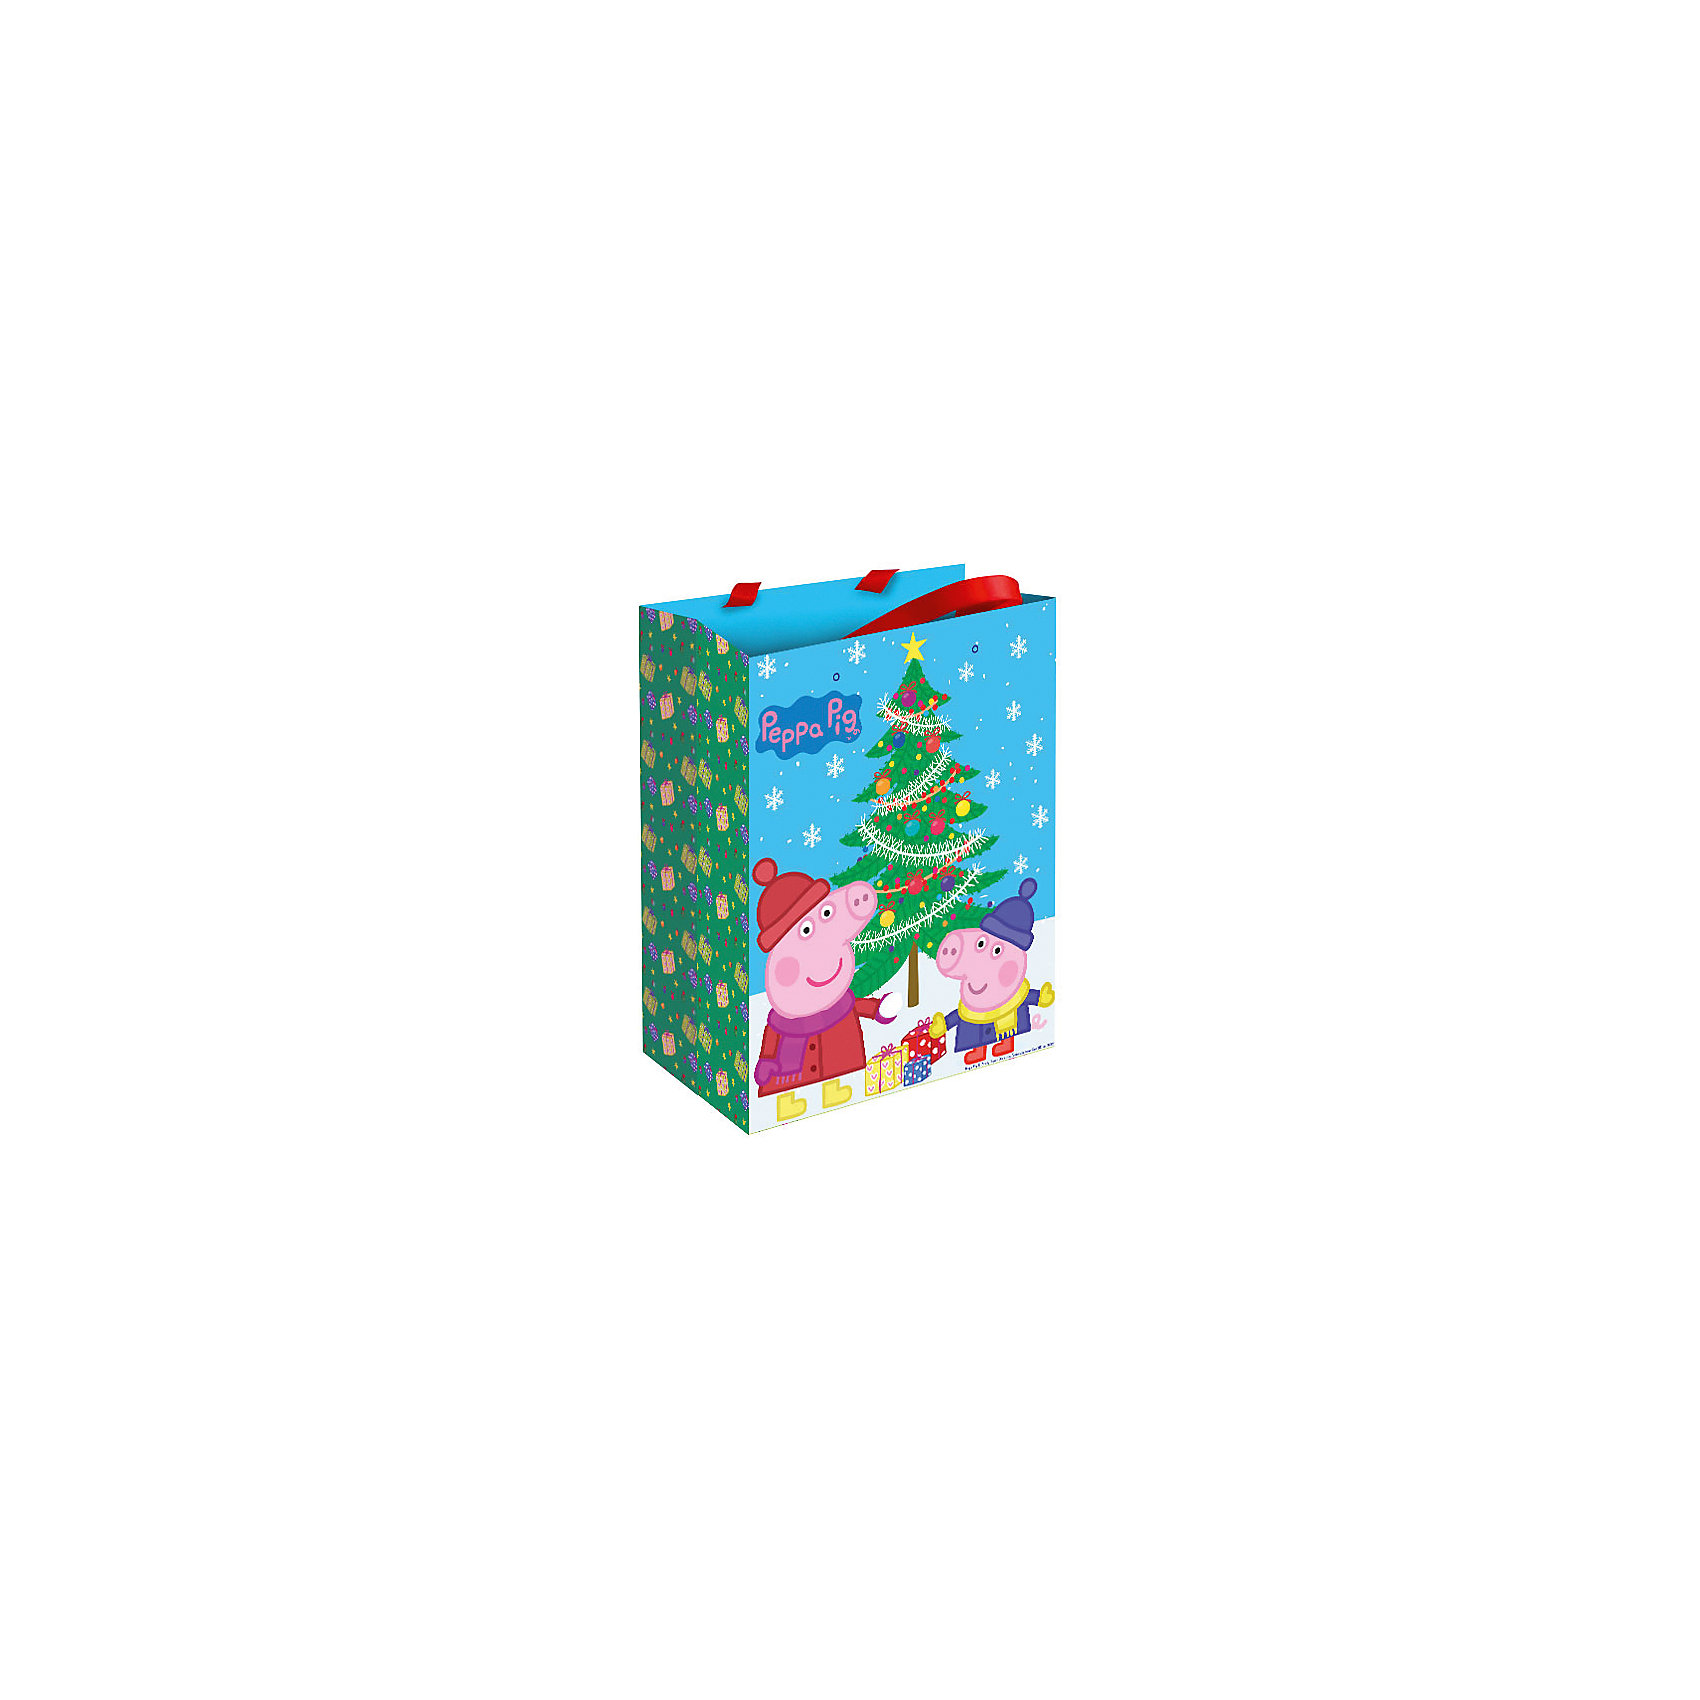 Пакет подарочный Пеппа зимой 23*18*10 см, Свинка ПеппаПодарочный пакет Пеппа зимой, Свинка Пеппа, поможет Вам красиво и оригинально оформить подарок для ребенка. Пакет с двумя ленточными ручками украшен ярким рисунком с изображением забавных героев популярного мультсериала Свинка Пеппа (Peppa Pig).<br><br>Дополнительная информация:<br><br>- Материал: бумага. <br>- Размер пакета: 23 х 18 х 10 см.<br>- Вес: 51 гр.<br><br>Пакет подарочный Пеппа зимой, Свинка Пеппа, можно купить в нашем интернет-магазине.<br><br>Ширина мм: 230<br>Глубина мм: 180<br>Высота мм: 5<br>Вес г: 51<br>Возраст от месяцев: 36<br>Возраст до месяцев: 84<br>Пол: Унисекс<br>Возраст: Детский<br>SKU: 4244169